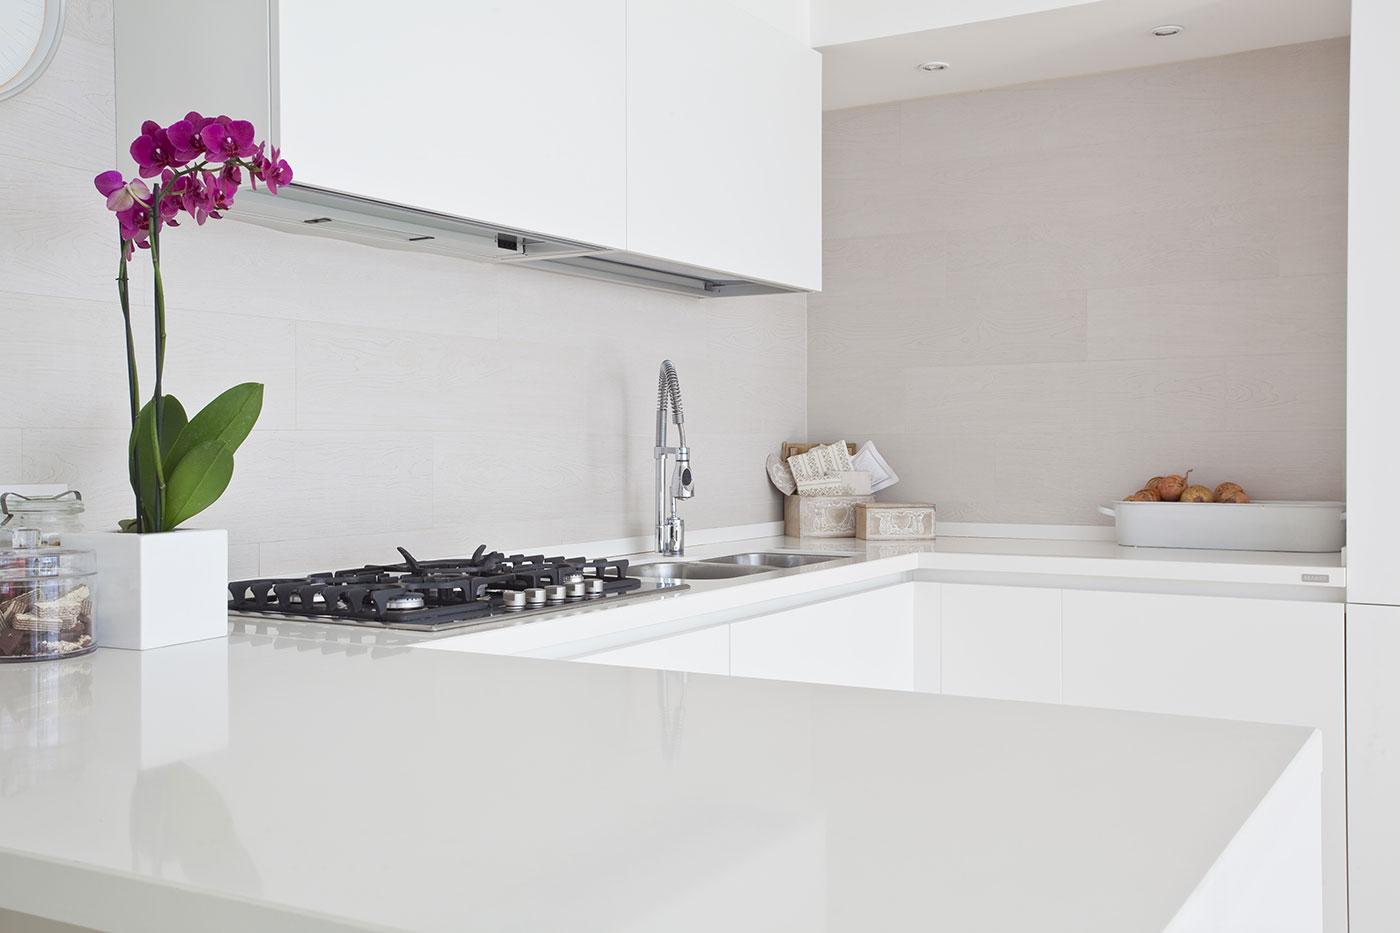 Quali sono le cucine per piccoli spazi? Le 4 caratteristiche essenziali